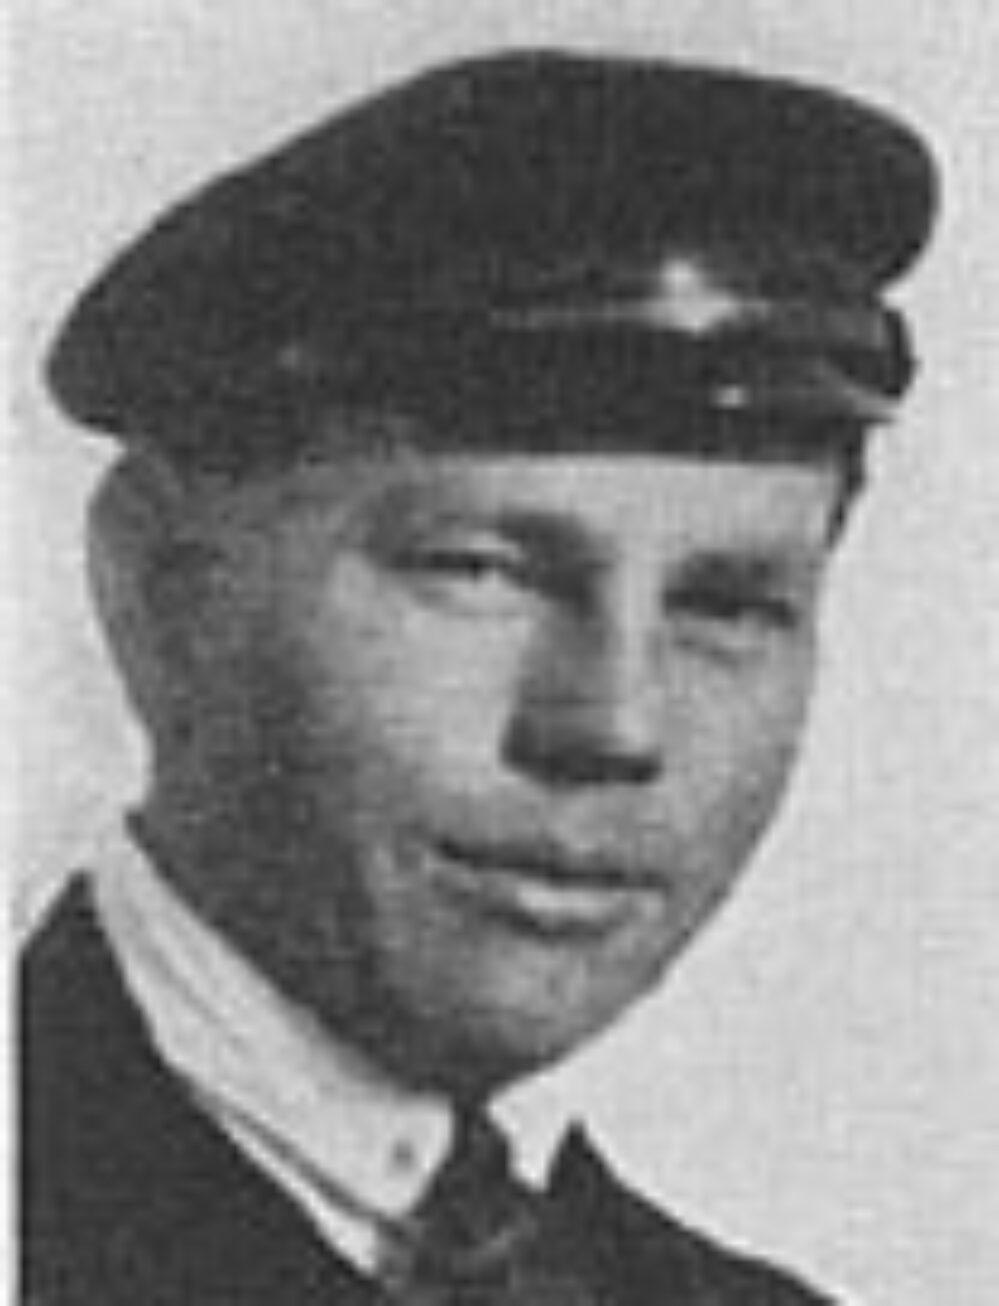 Sigurd Engebretsen